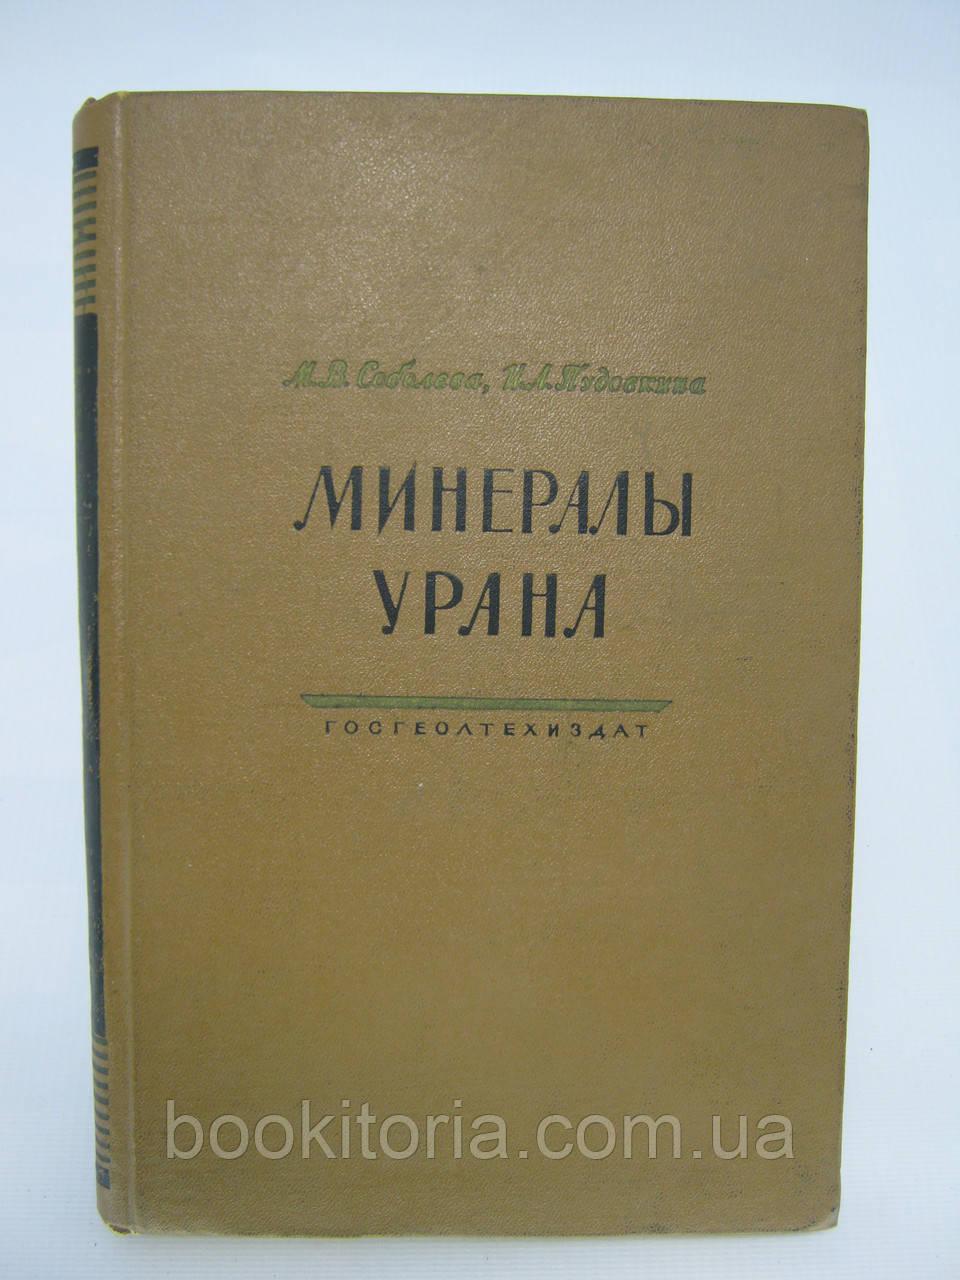 Соболева М.В., Пудовкина И.А. Минералы урана (б/у).